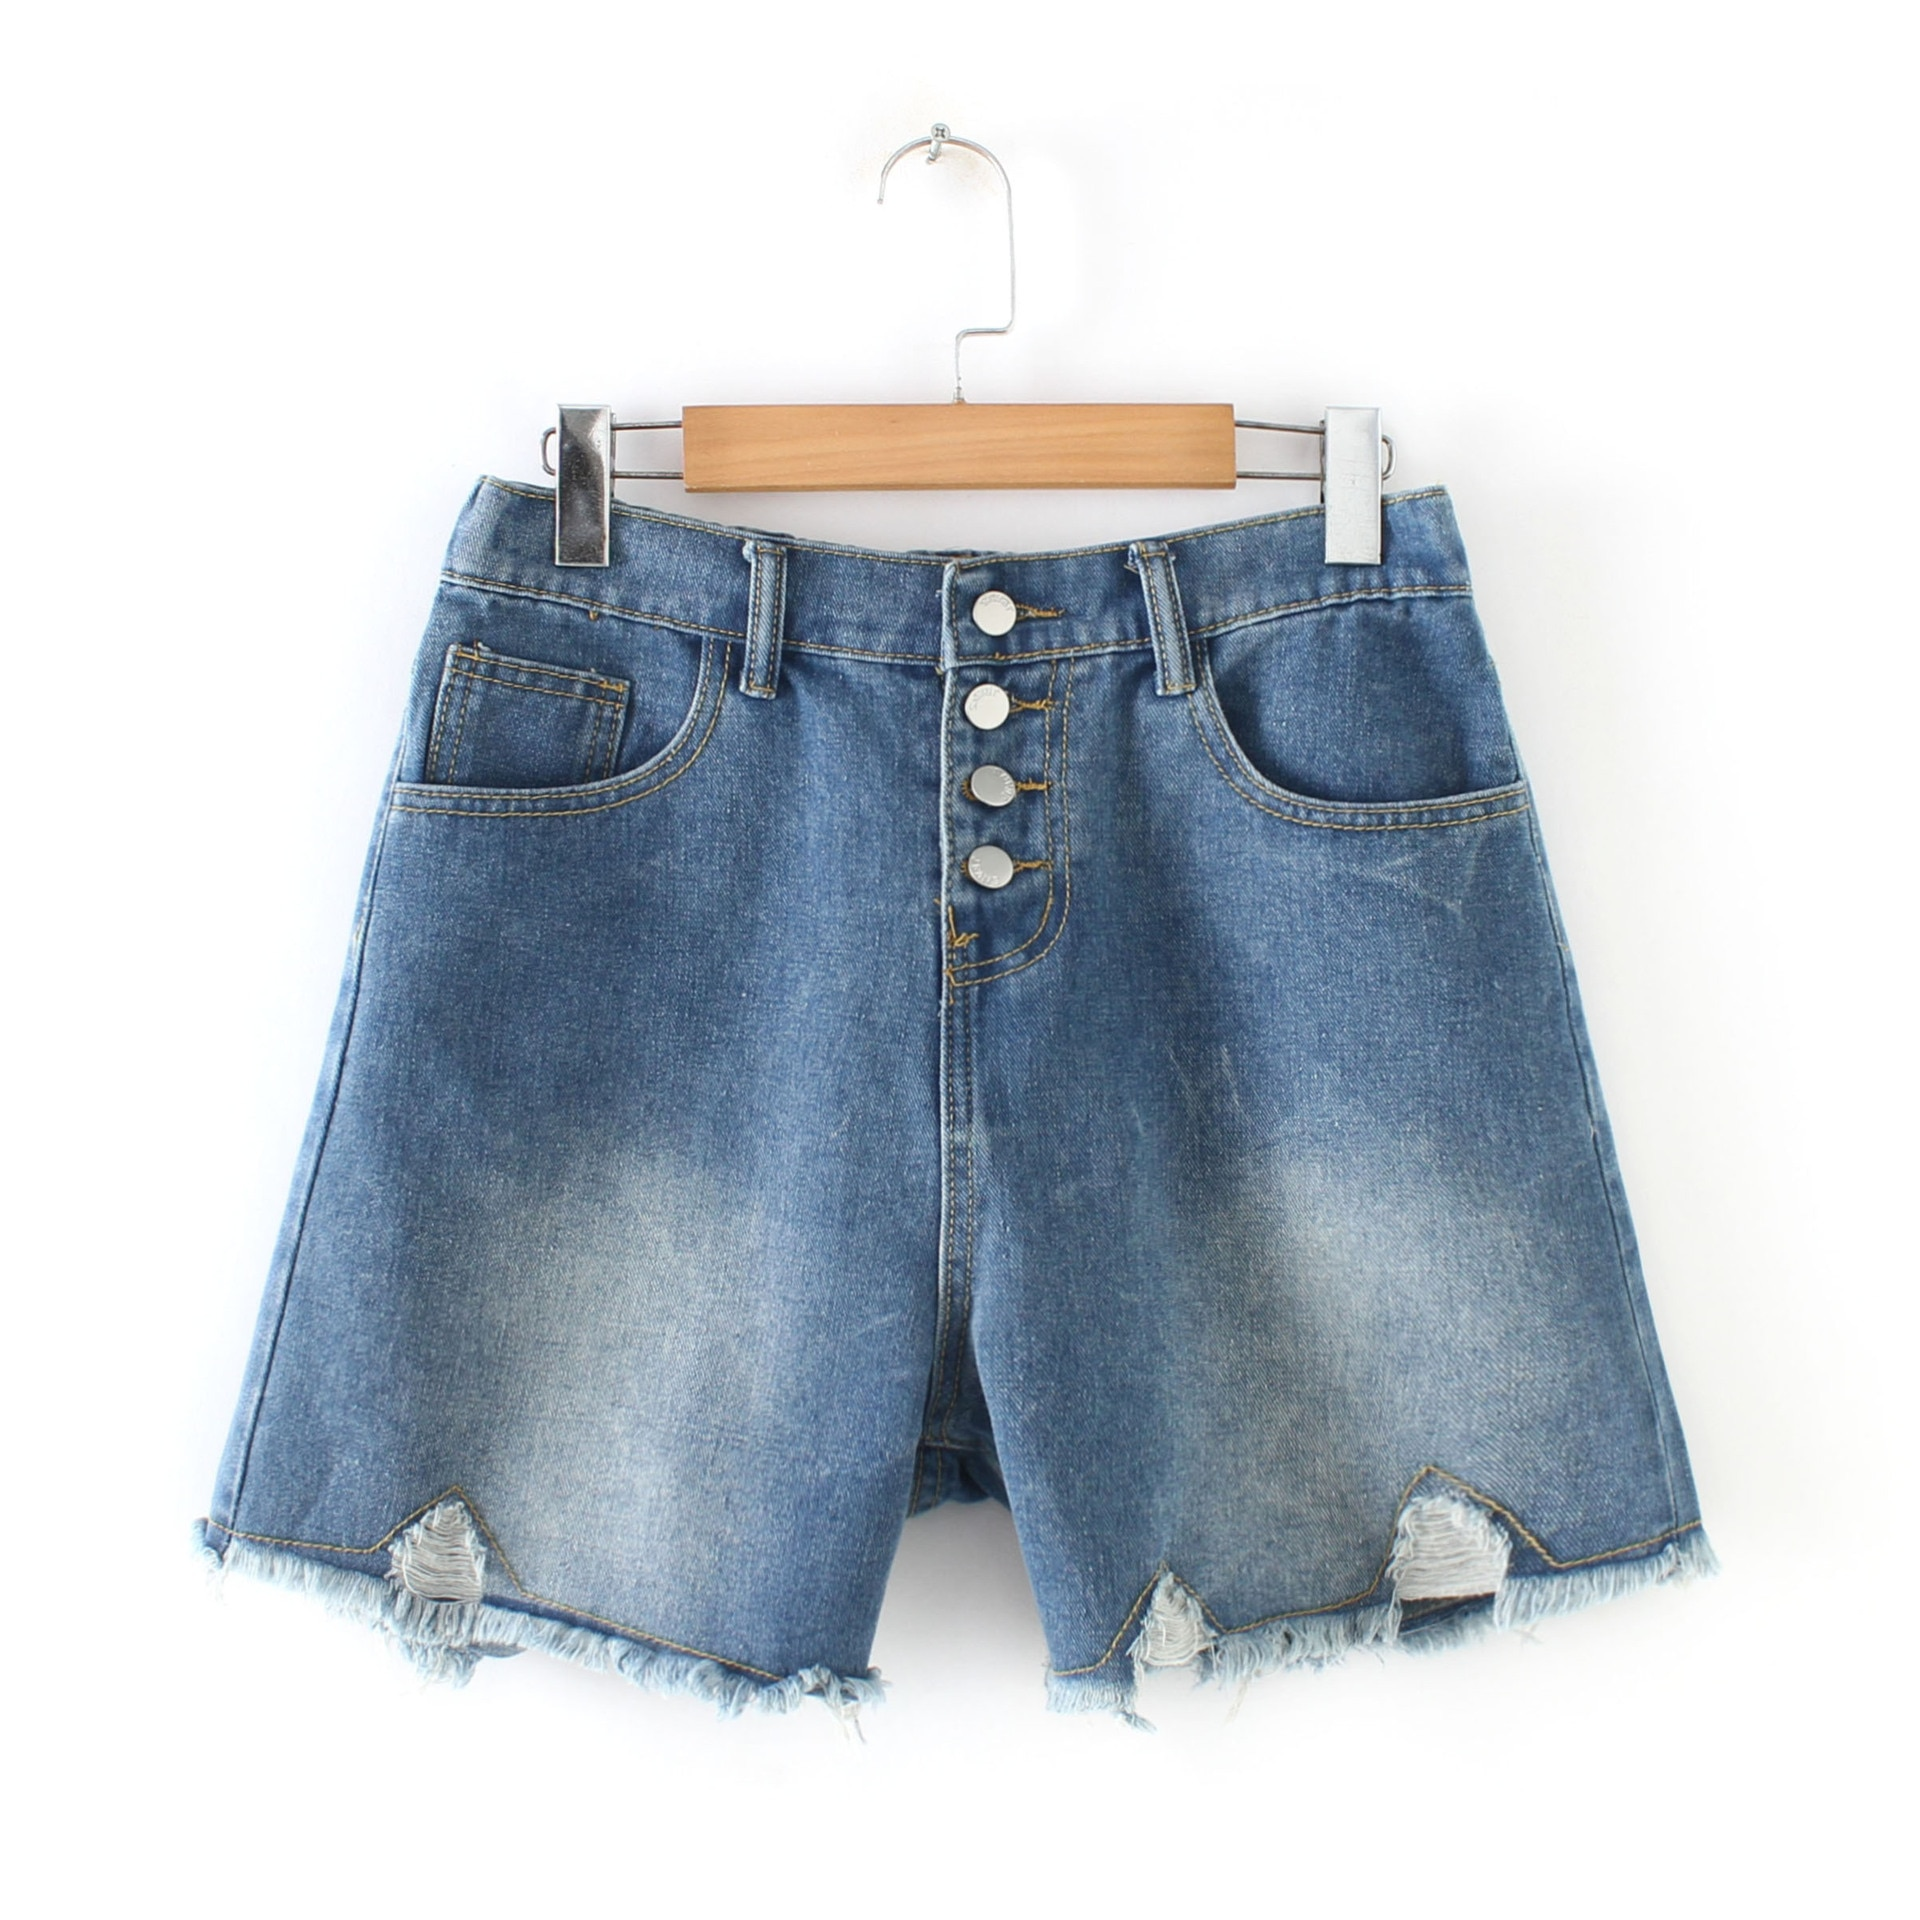 Verano 2019 vestido de gran tamaño Fat Mm moda si li kou con agujeros pantalones cortos de mezclilla deshilachados pantalones calientes de una generación de grasa